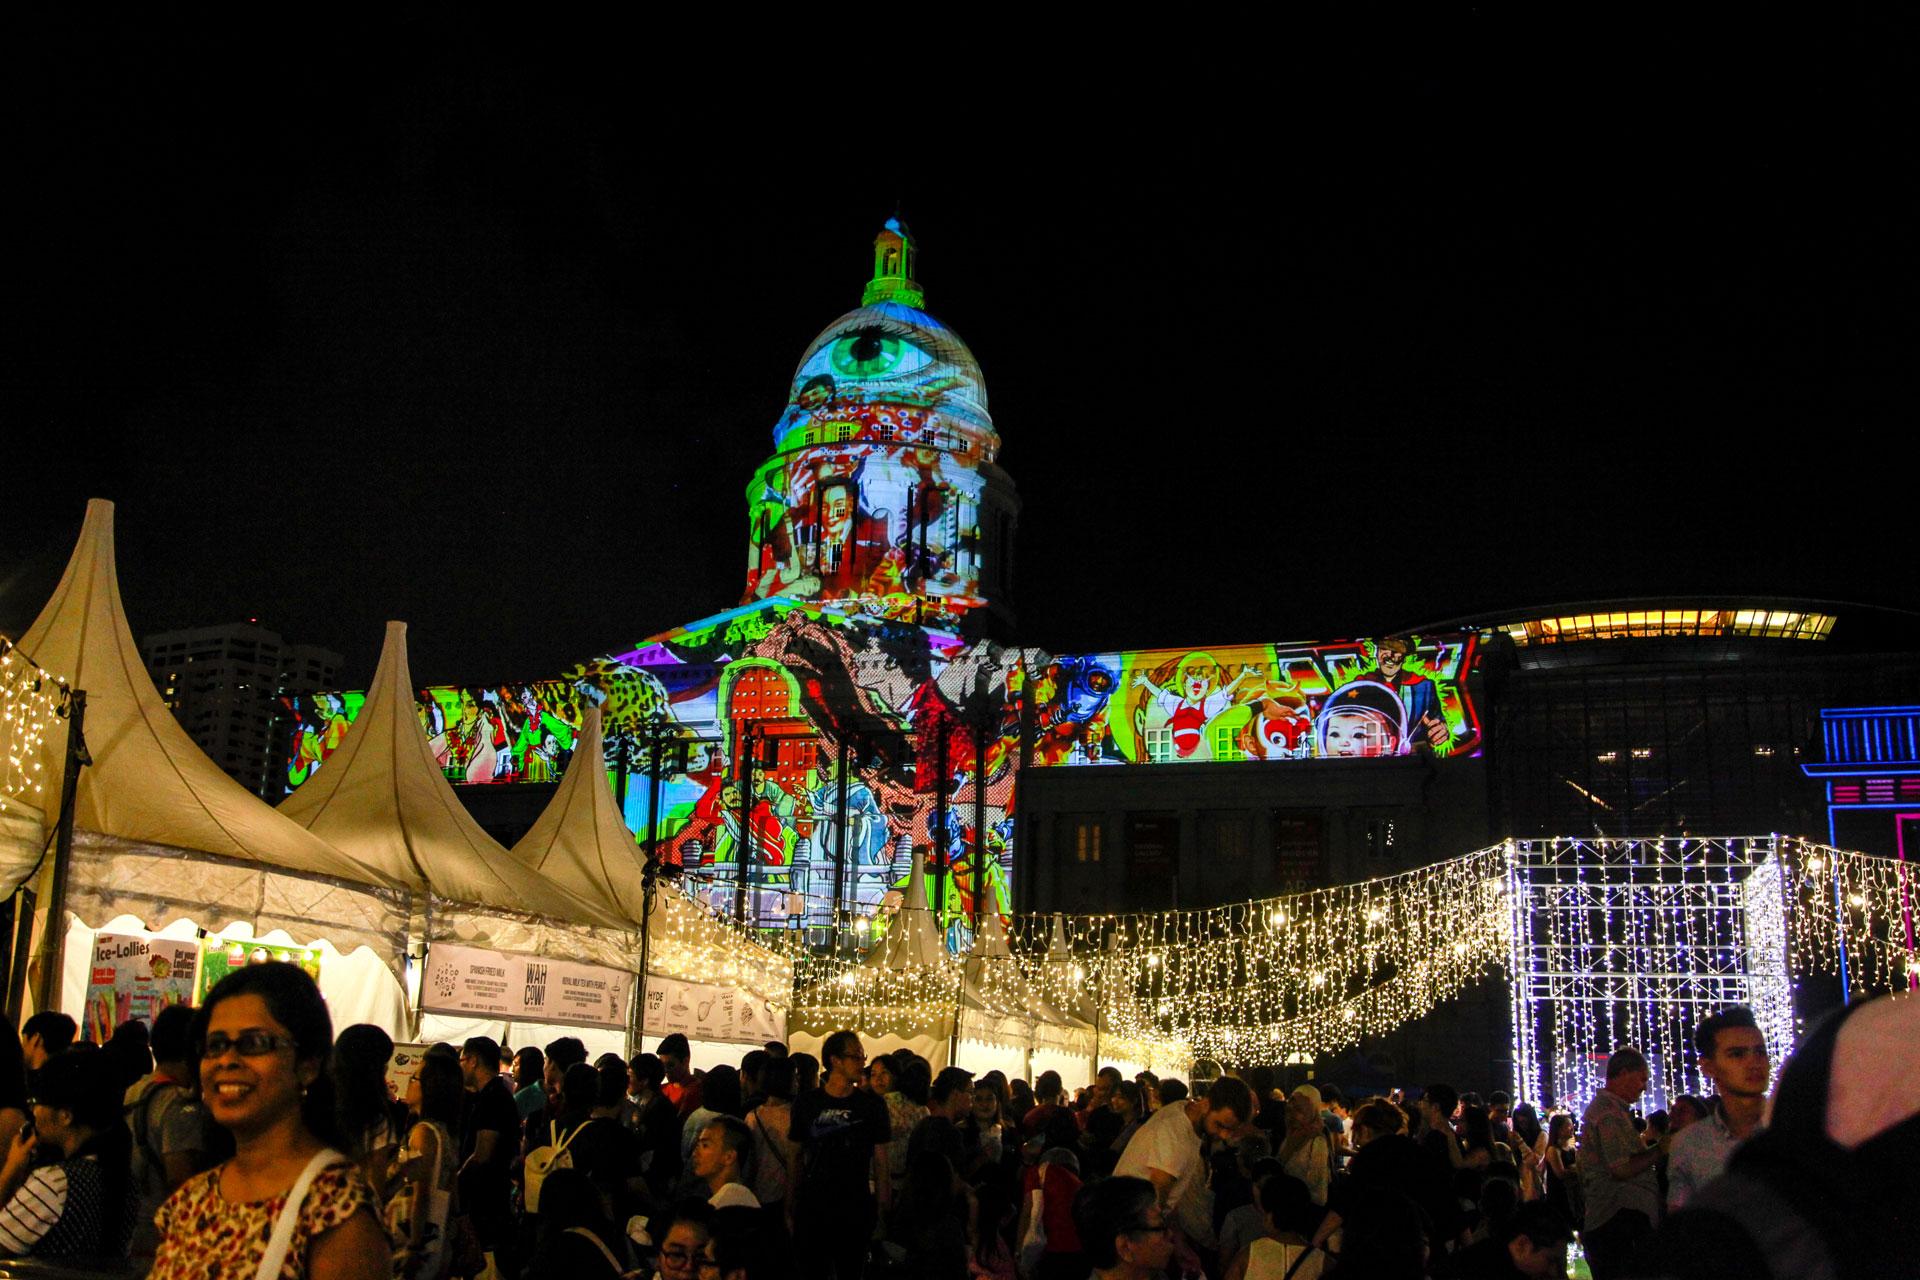 Đại tiệc ánh sáng kỷ niệm 200 hình thành Singapore trước đêm giao thừa